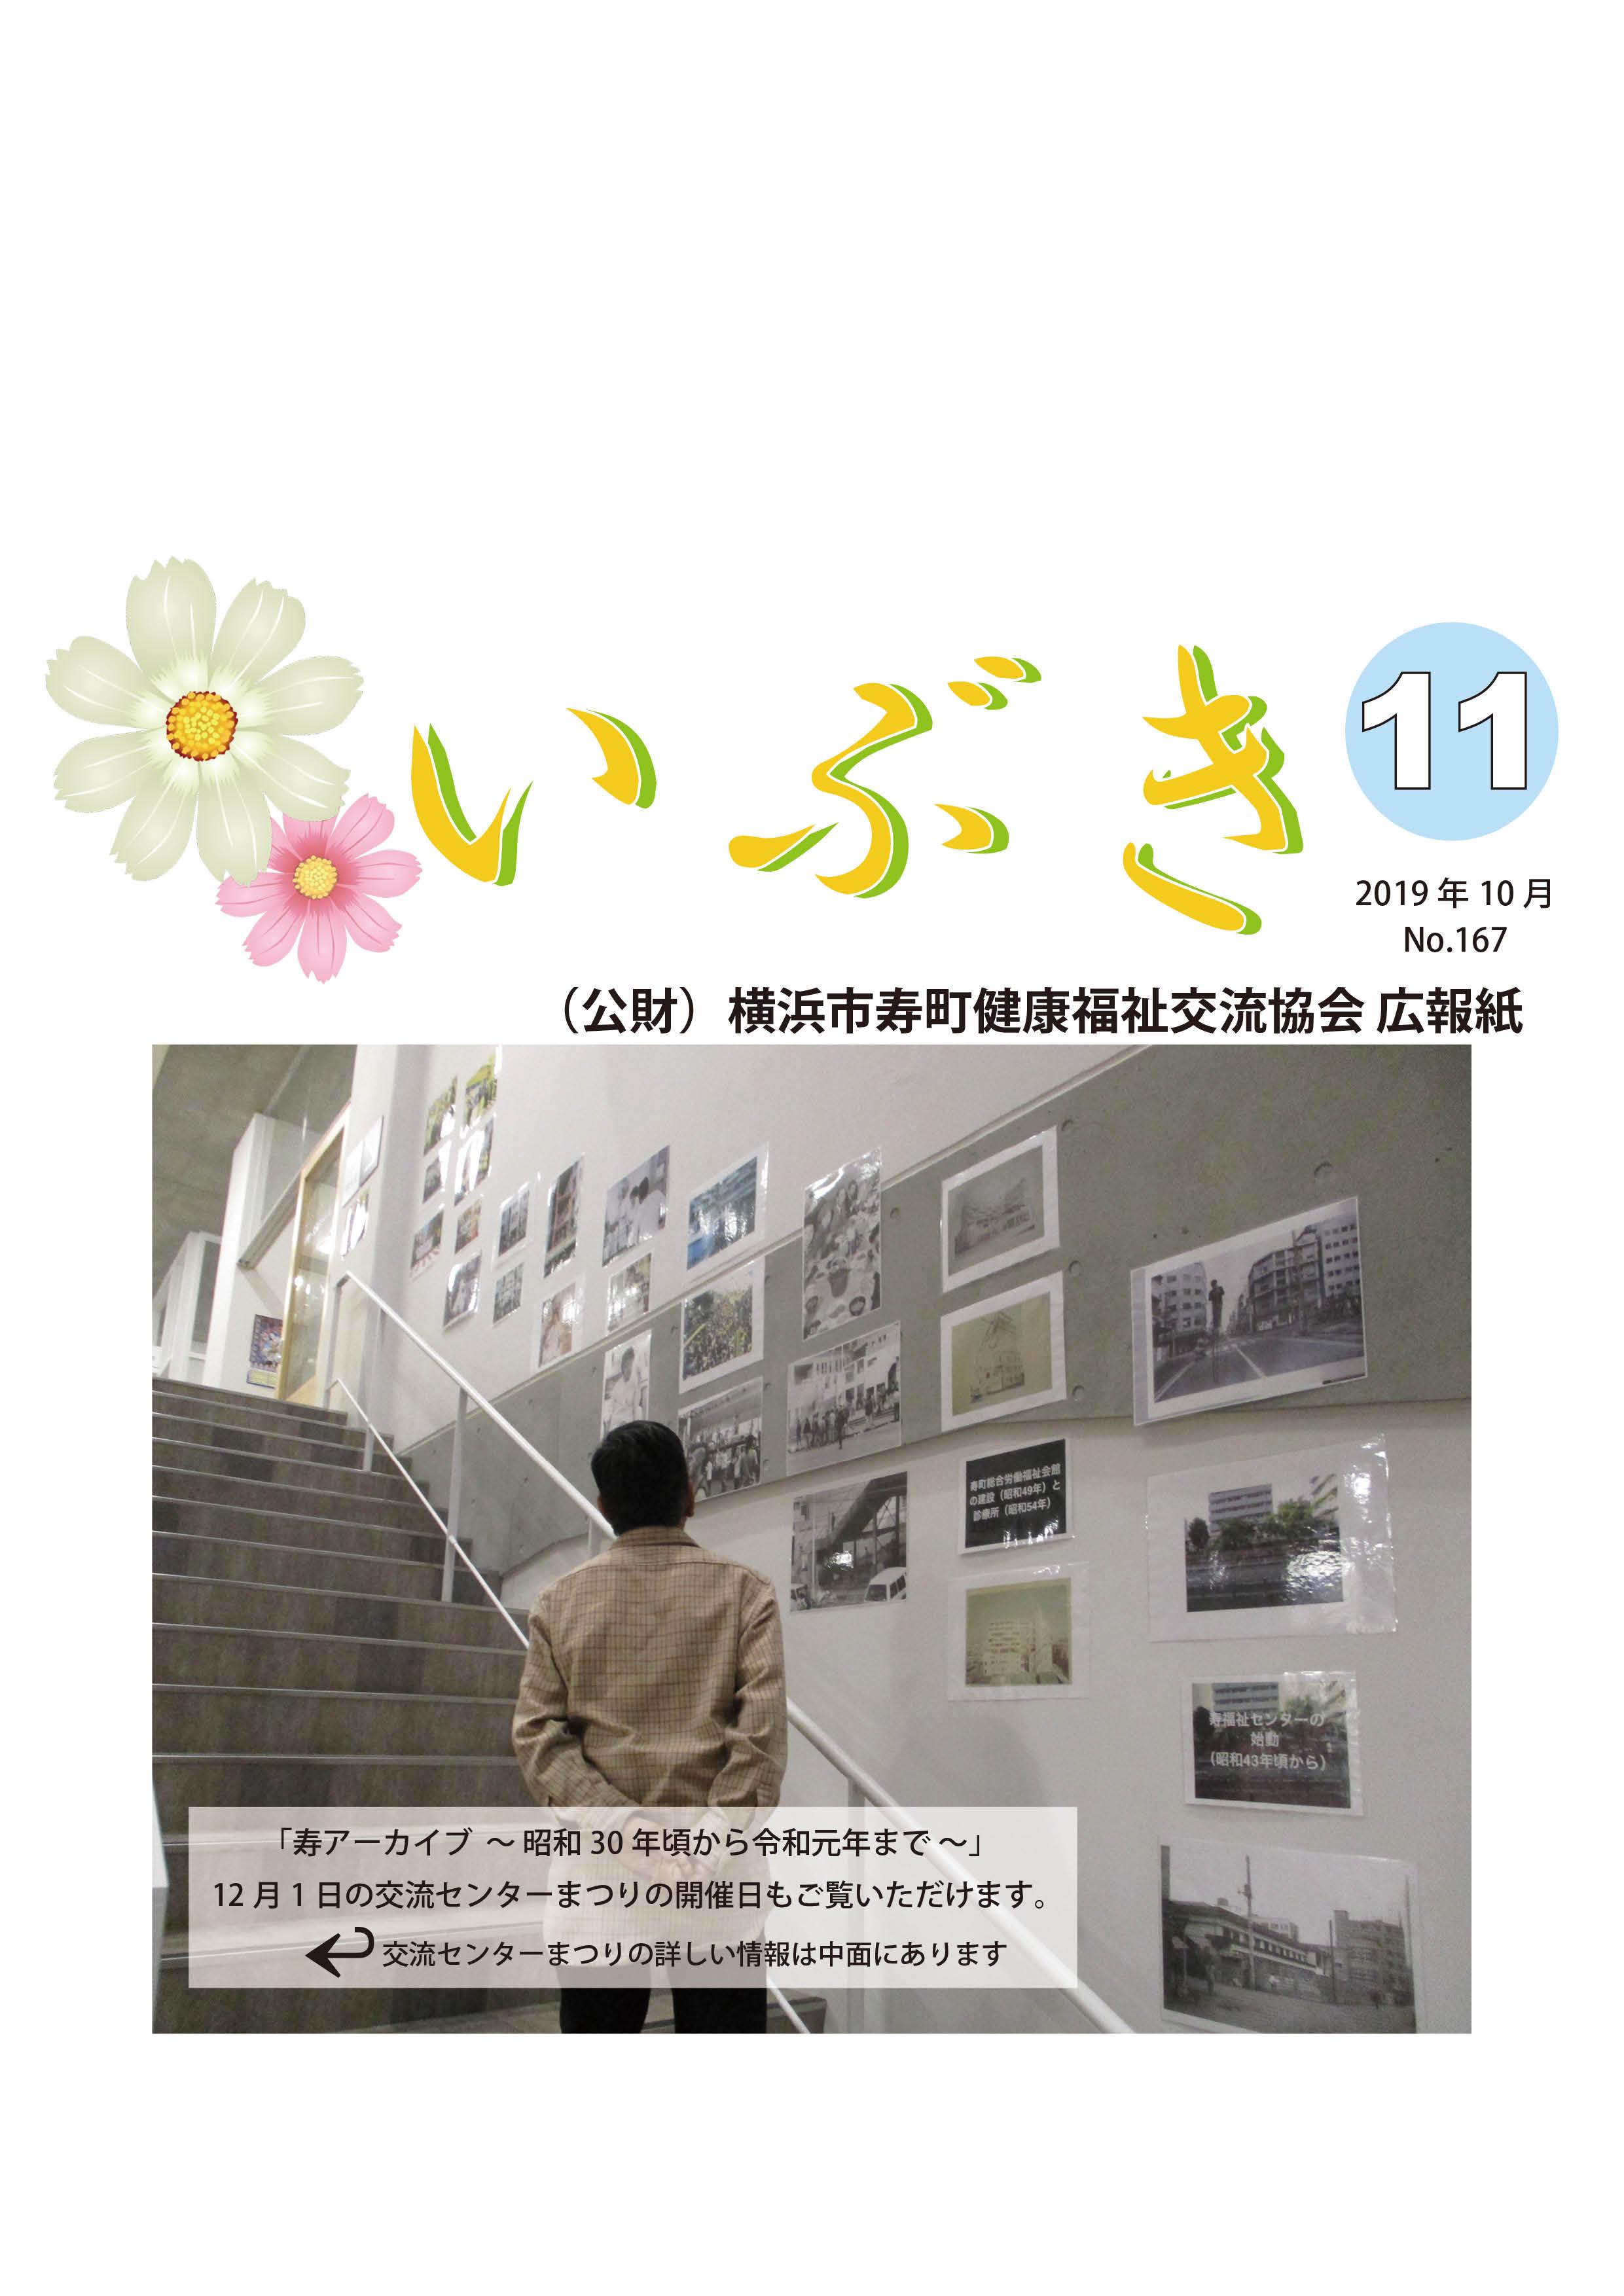 広報紙いぶき2019年11月号(No.167)